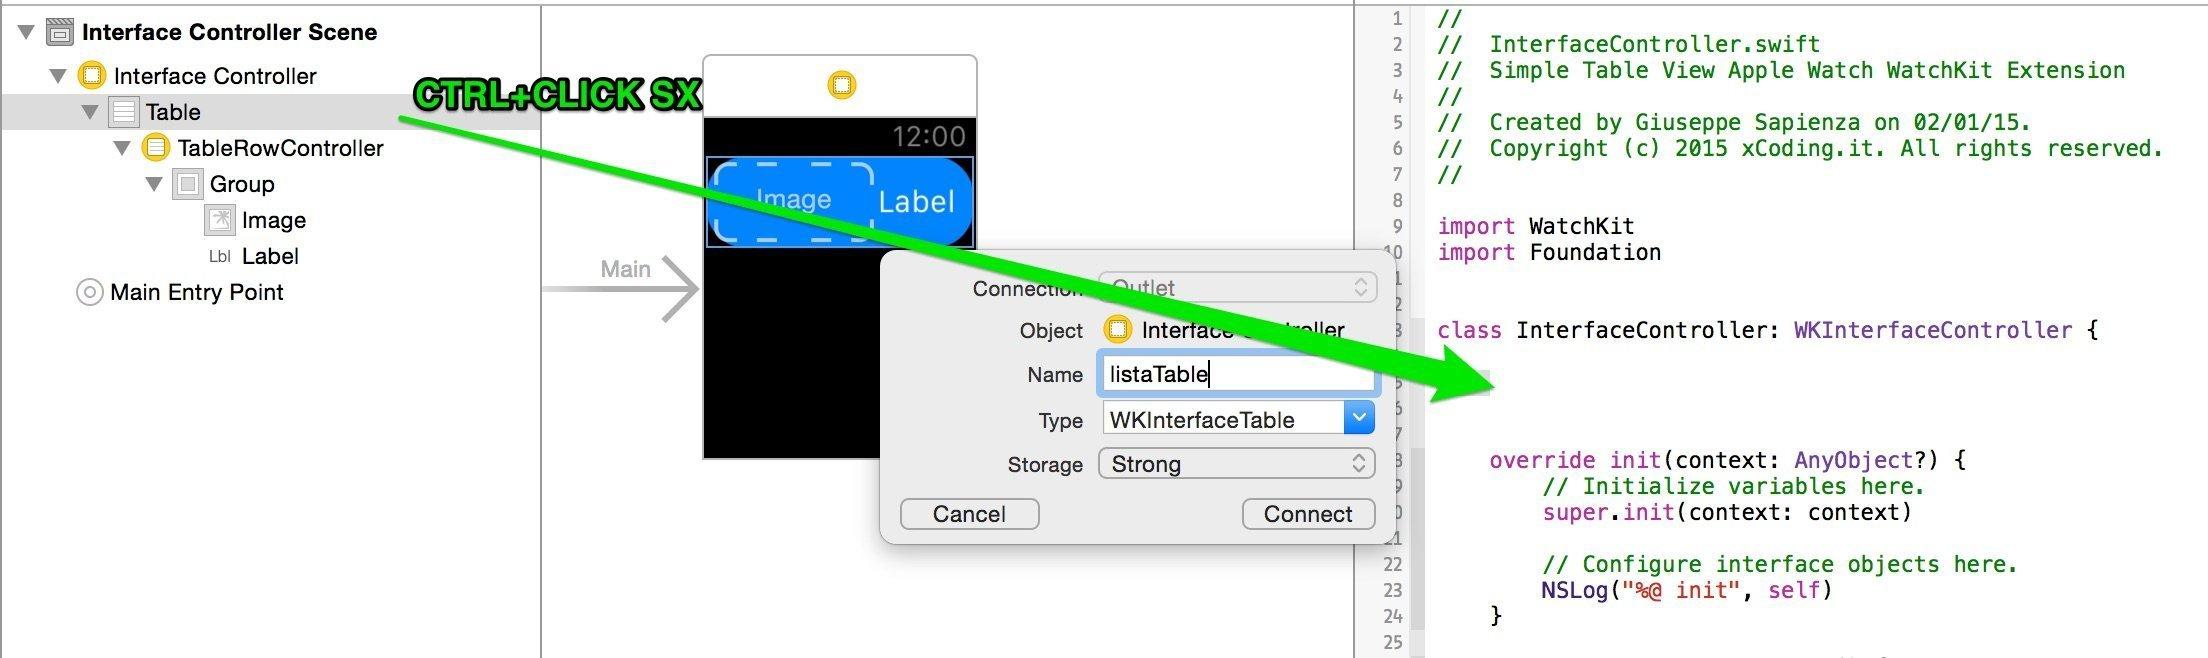 inserire una connessione Interface Controller